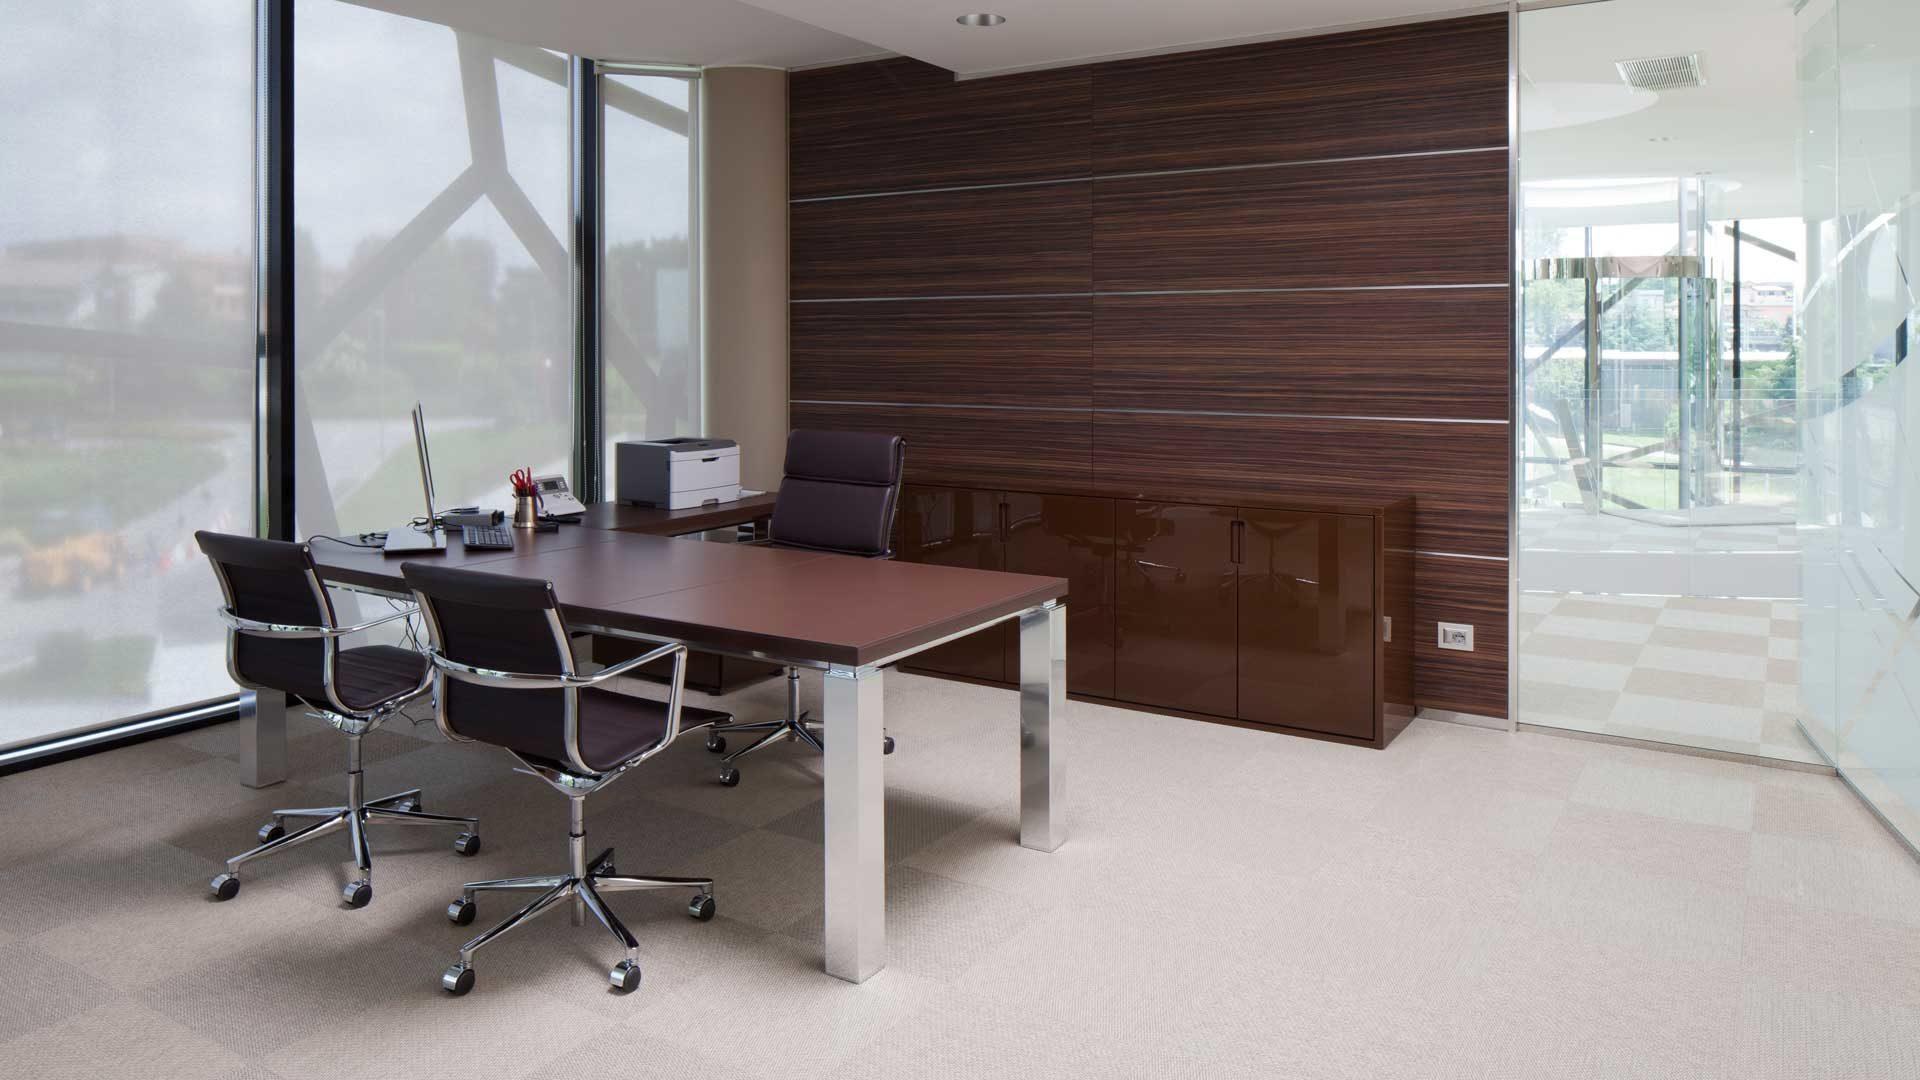 Pareti-divisorie-per-ufficio,-perché-scegliere-High-Line-Jumbo-Collection